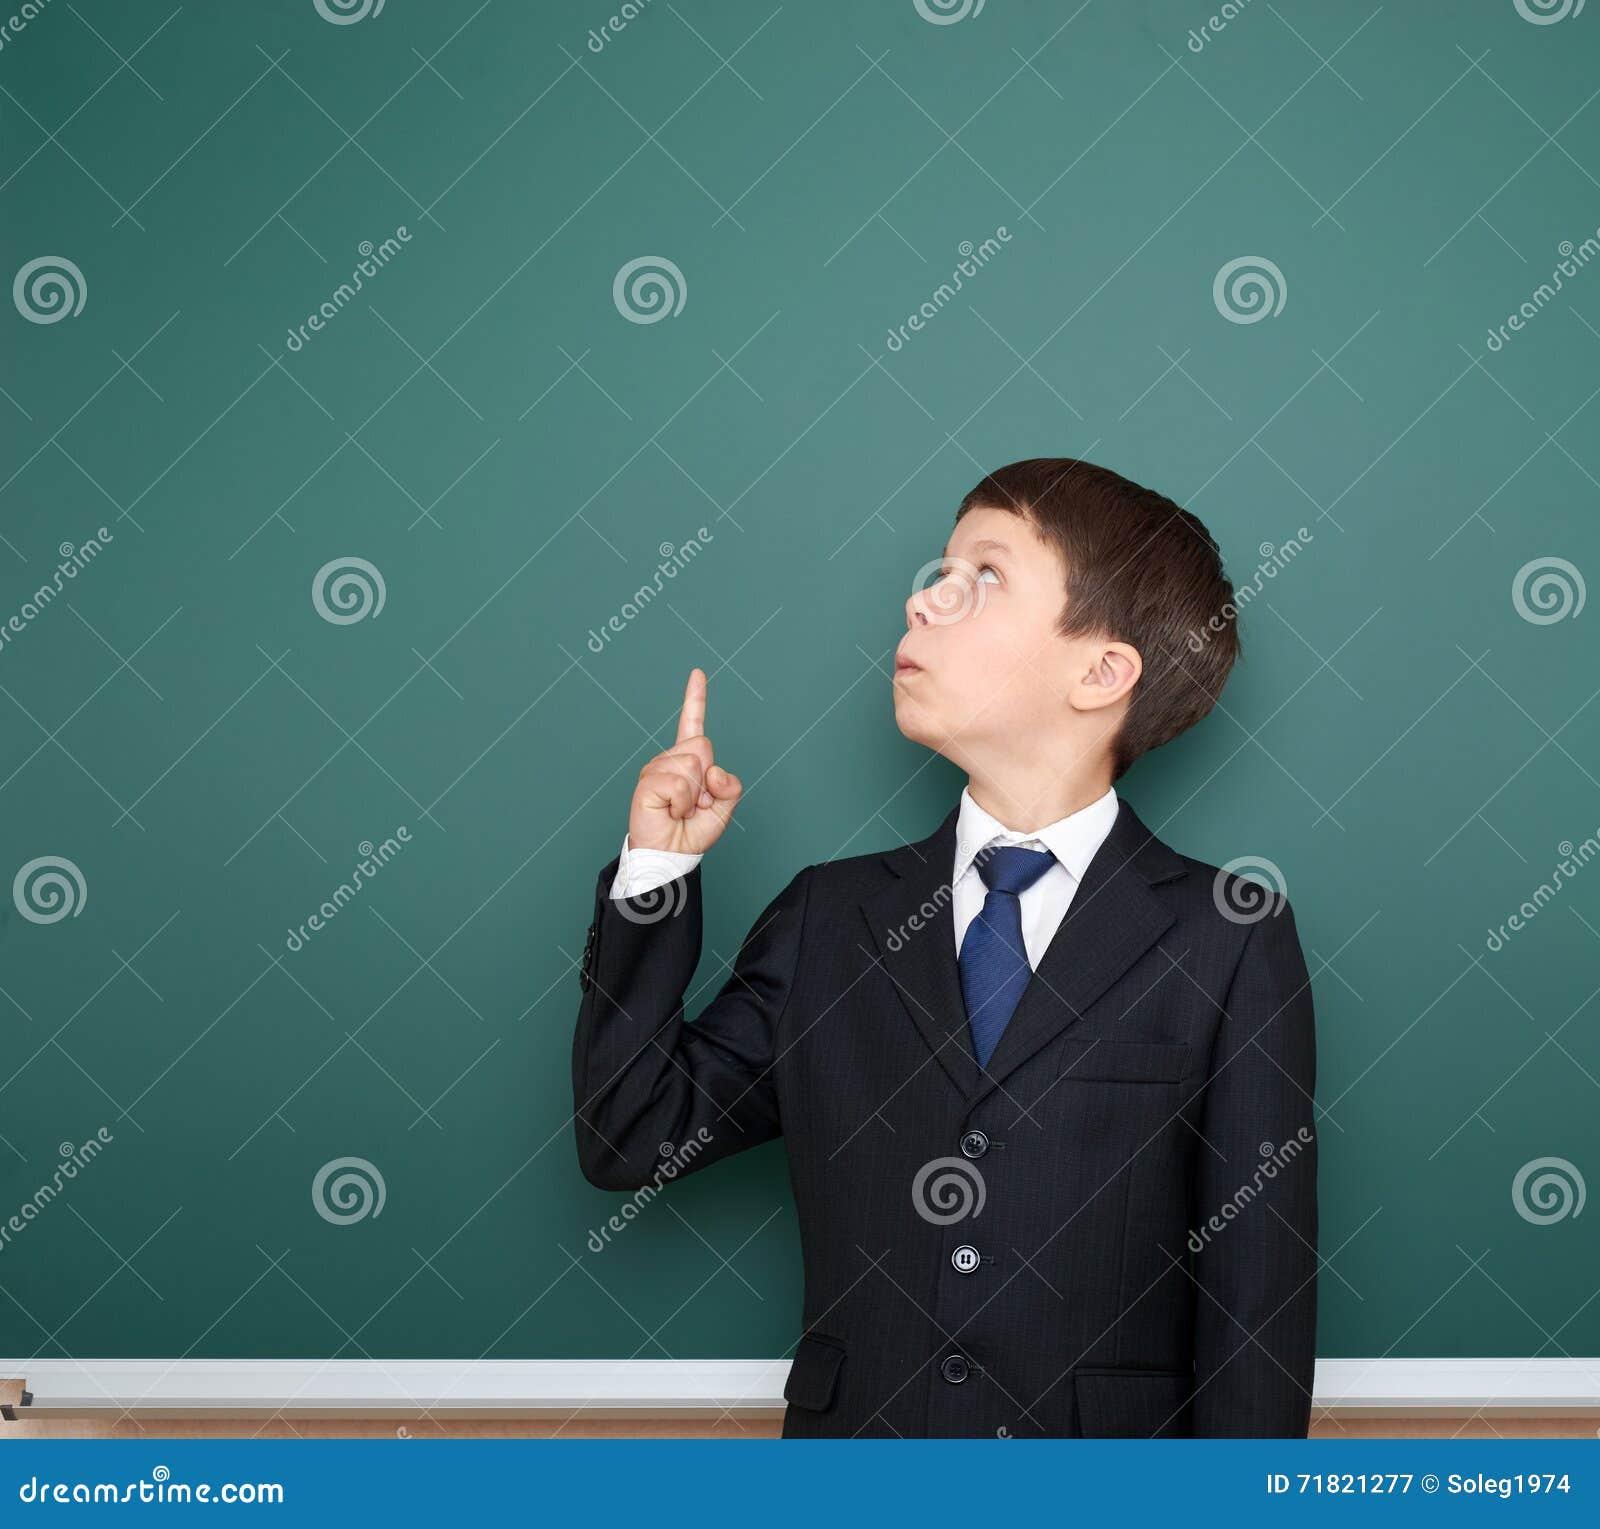 Το σχολικό αγόρι στο μαύρο κοστούμι παρουσιάζει δάχτυλο επάνω στη χειρονομία και αναρωτιέται, δείχνει στο πράσινο υπόβαθρο πινάκω